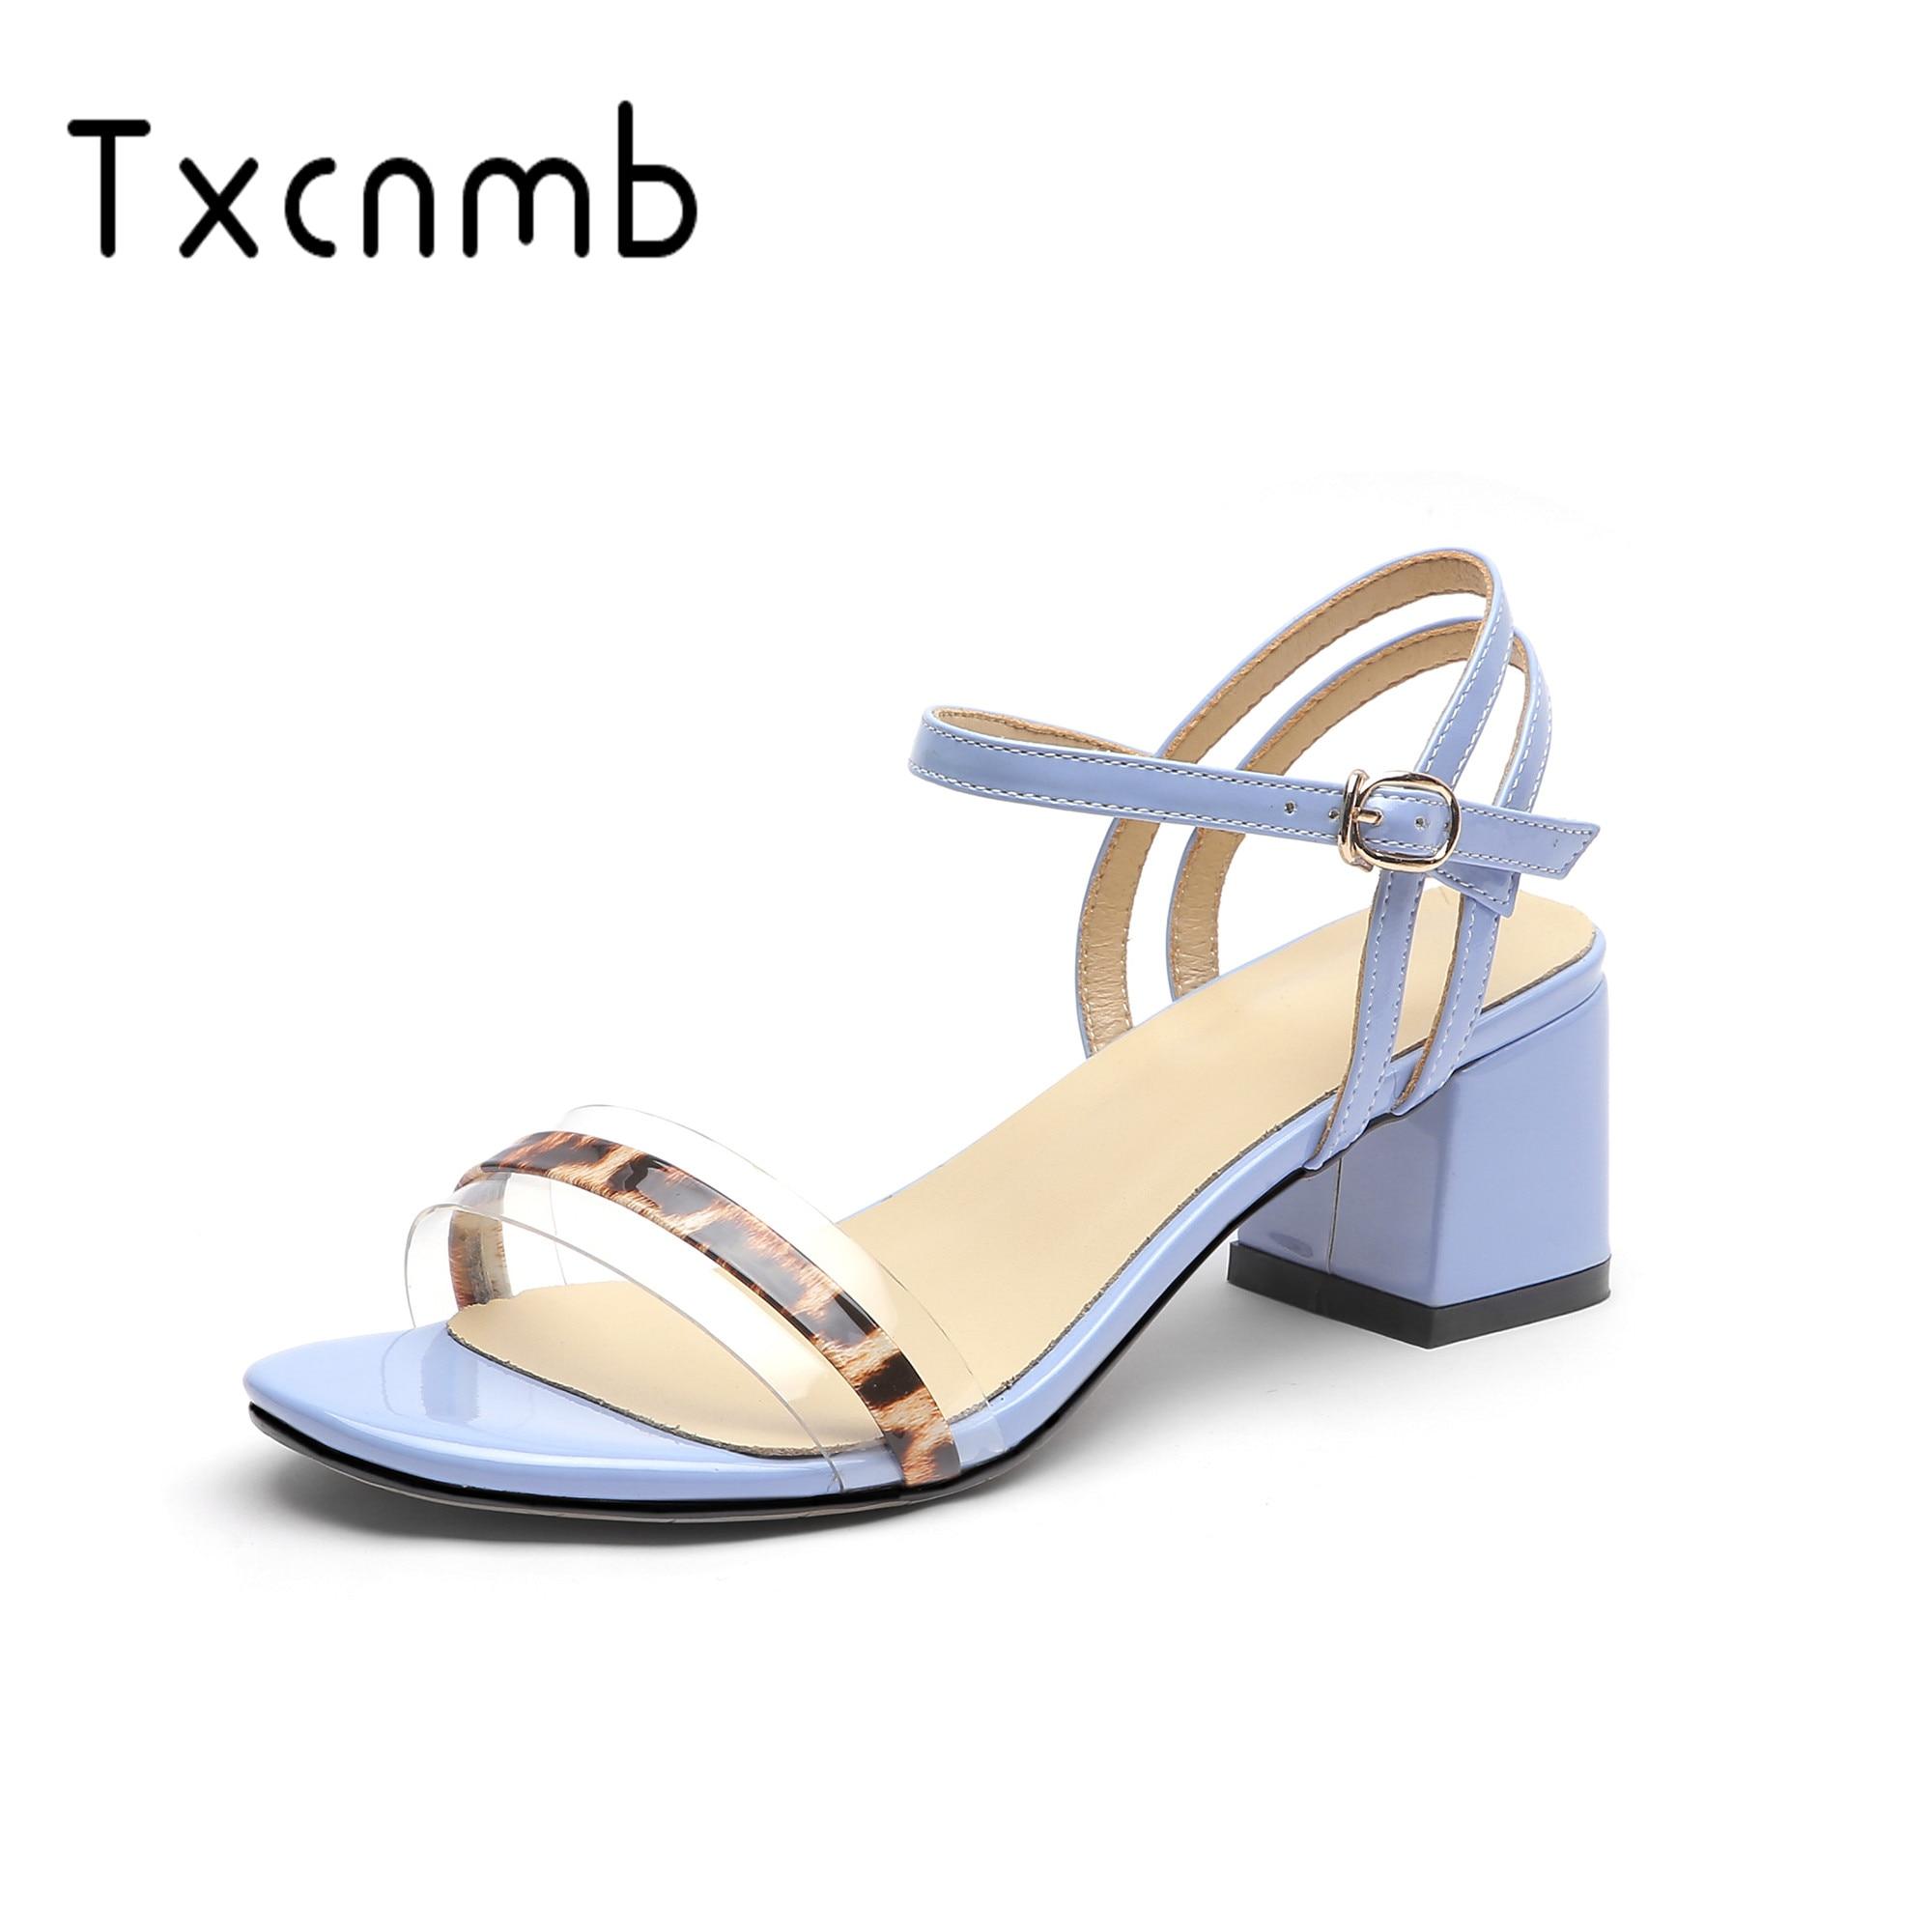 TXCNMB 2019 marque sandales femmes en cuir véritable mode chaussures femme sandales Rome pompes à talons hauts mariage tongs sandale